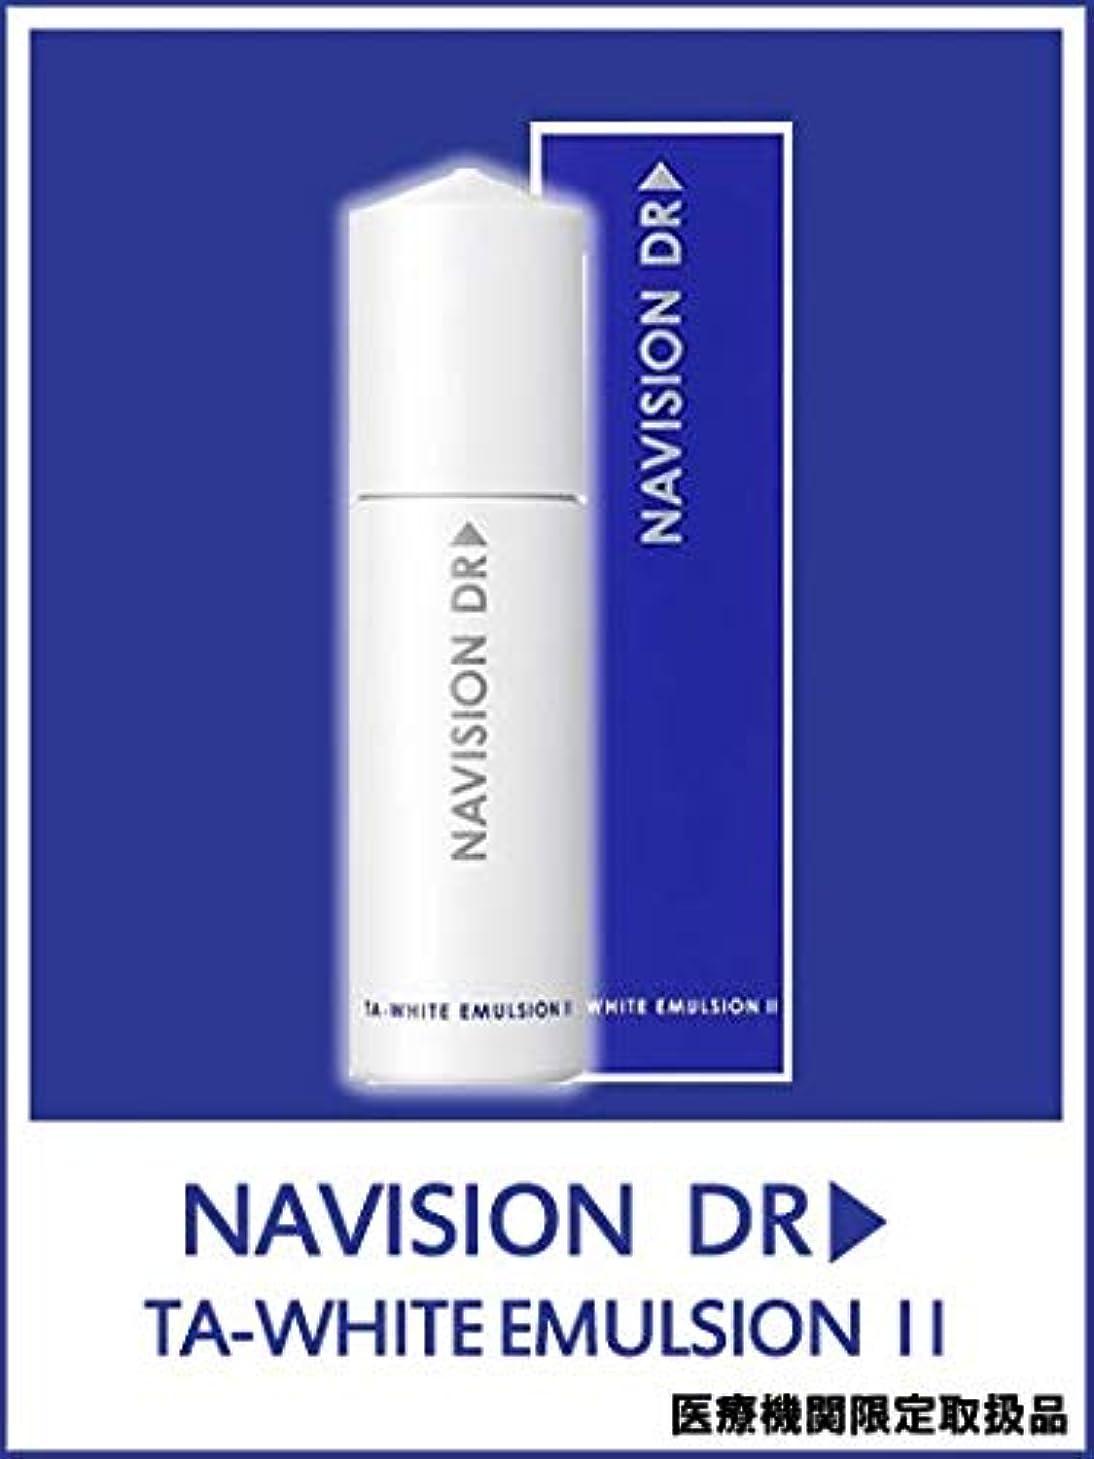 味タクト監査NAVISION DR? ナビジョンDR TAホワイトエマルジョンⅡnしっとりうるおうタイプ(医薬部外品) 120mL